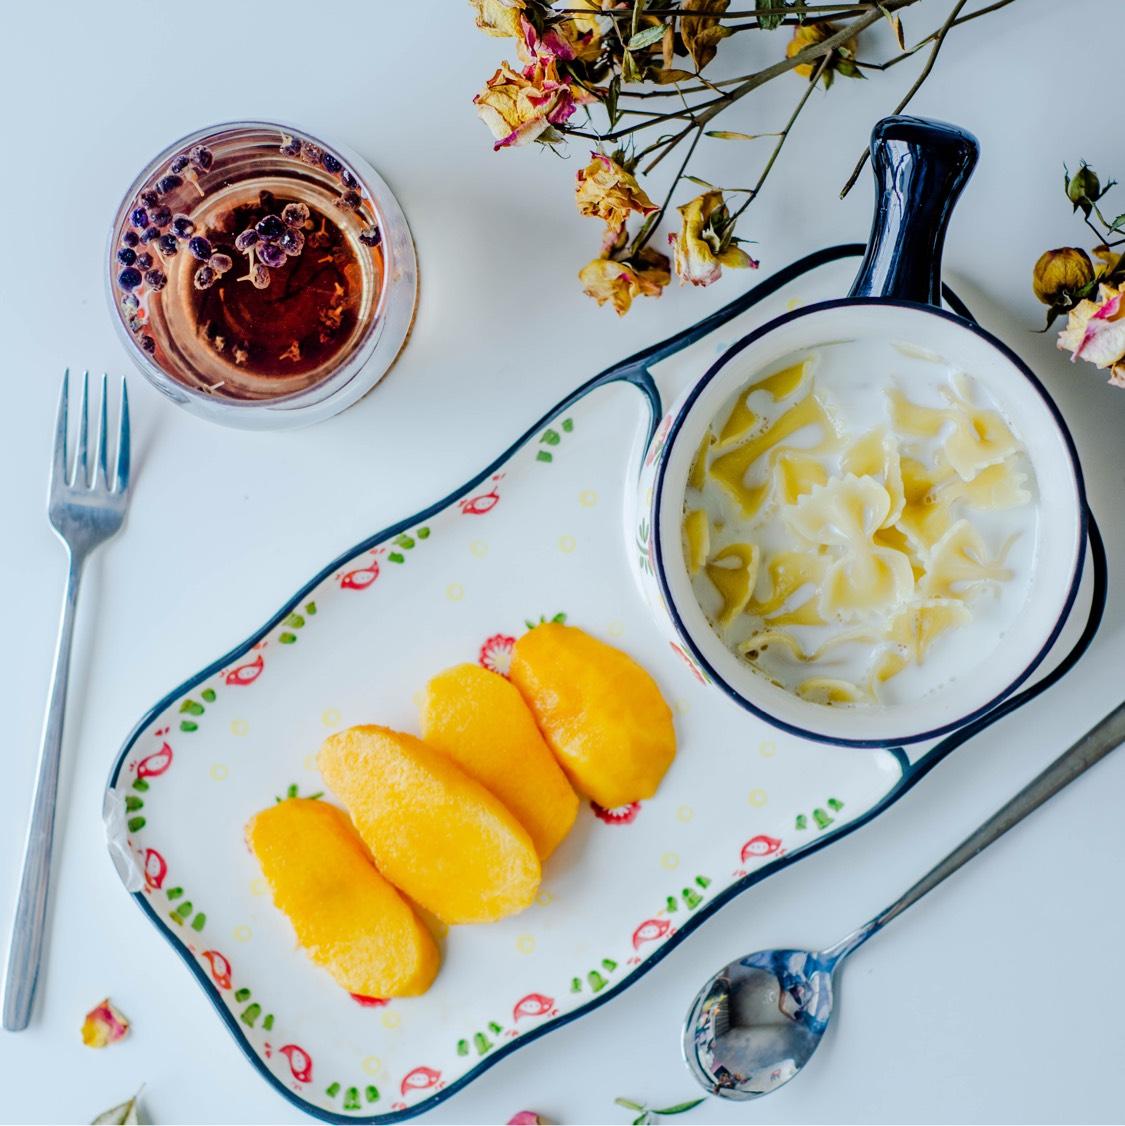 Day16减脂早餐 水果:蟠桃主食